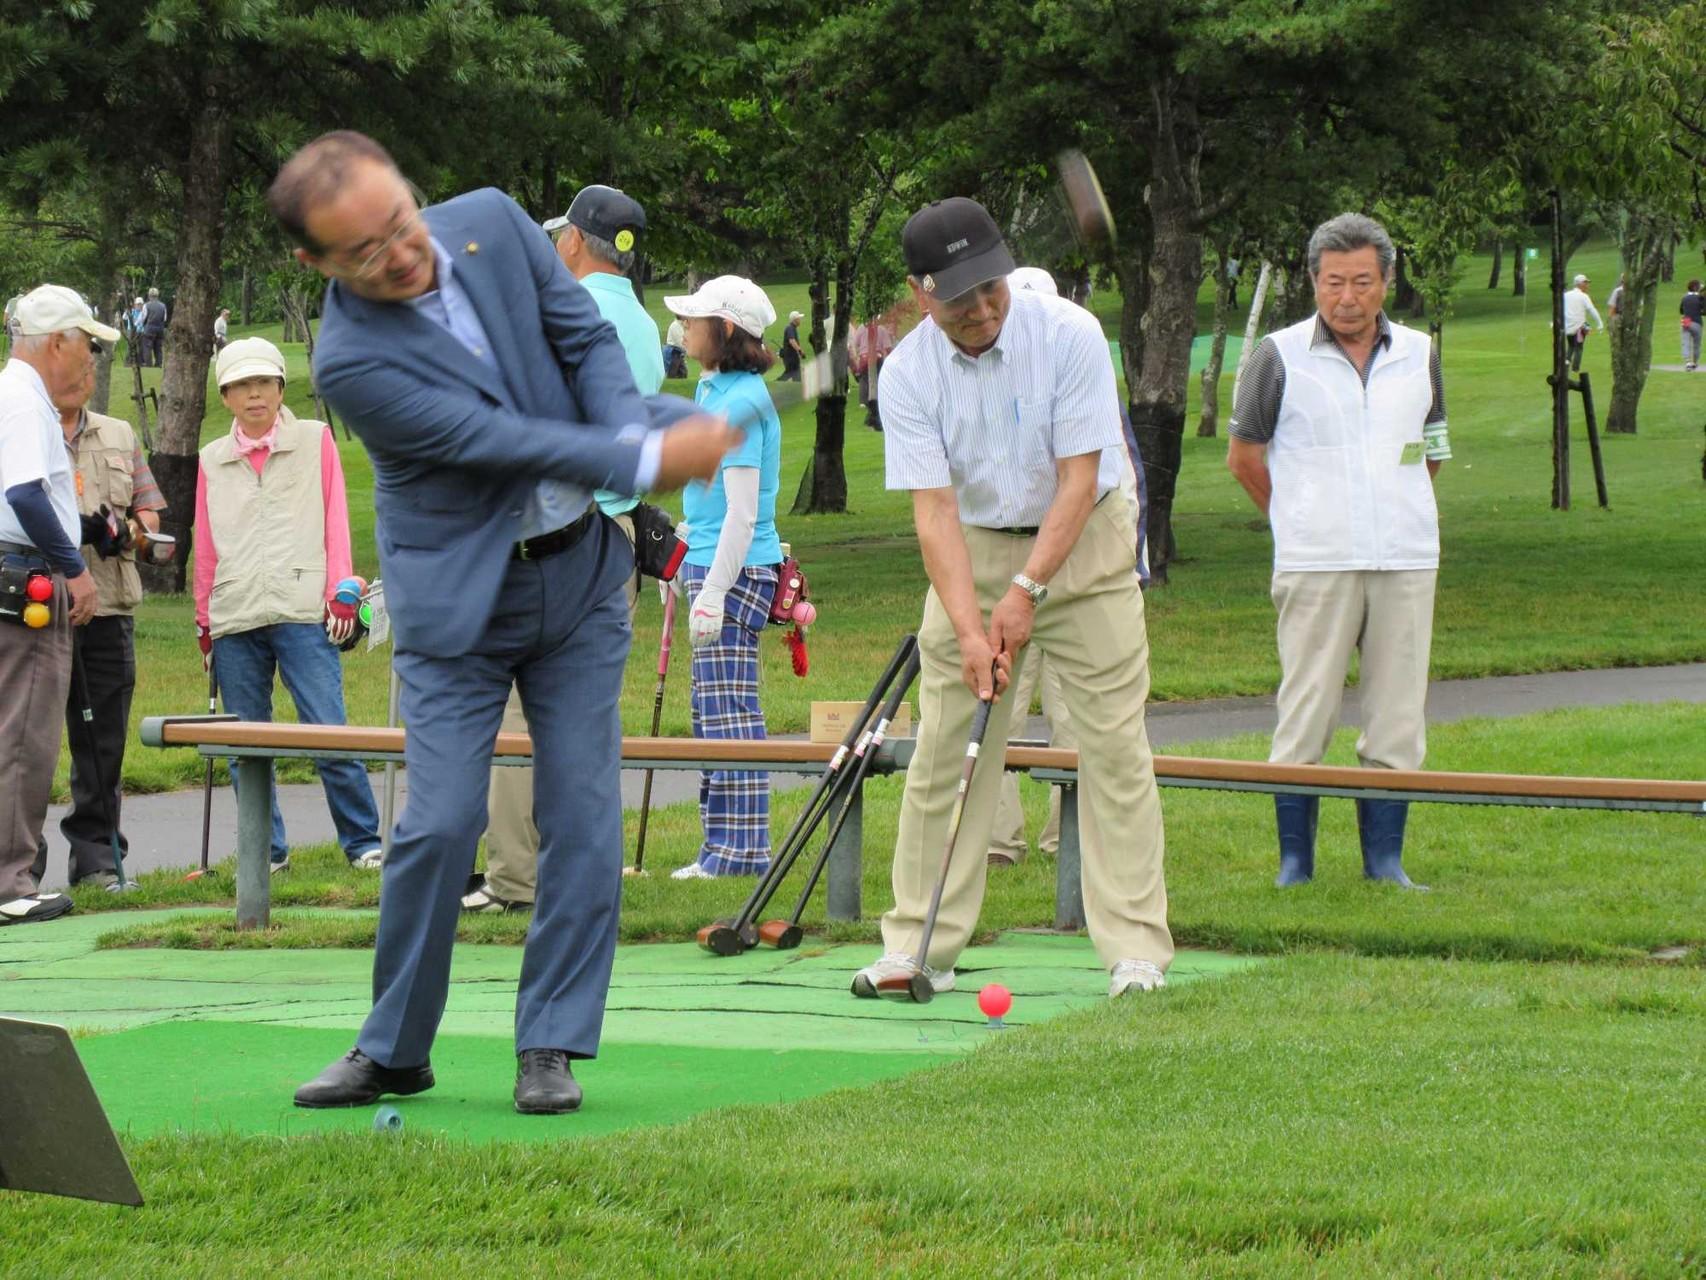 松野市長の始球式